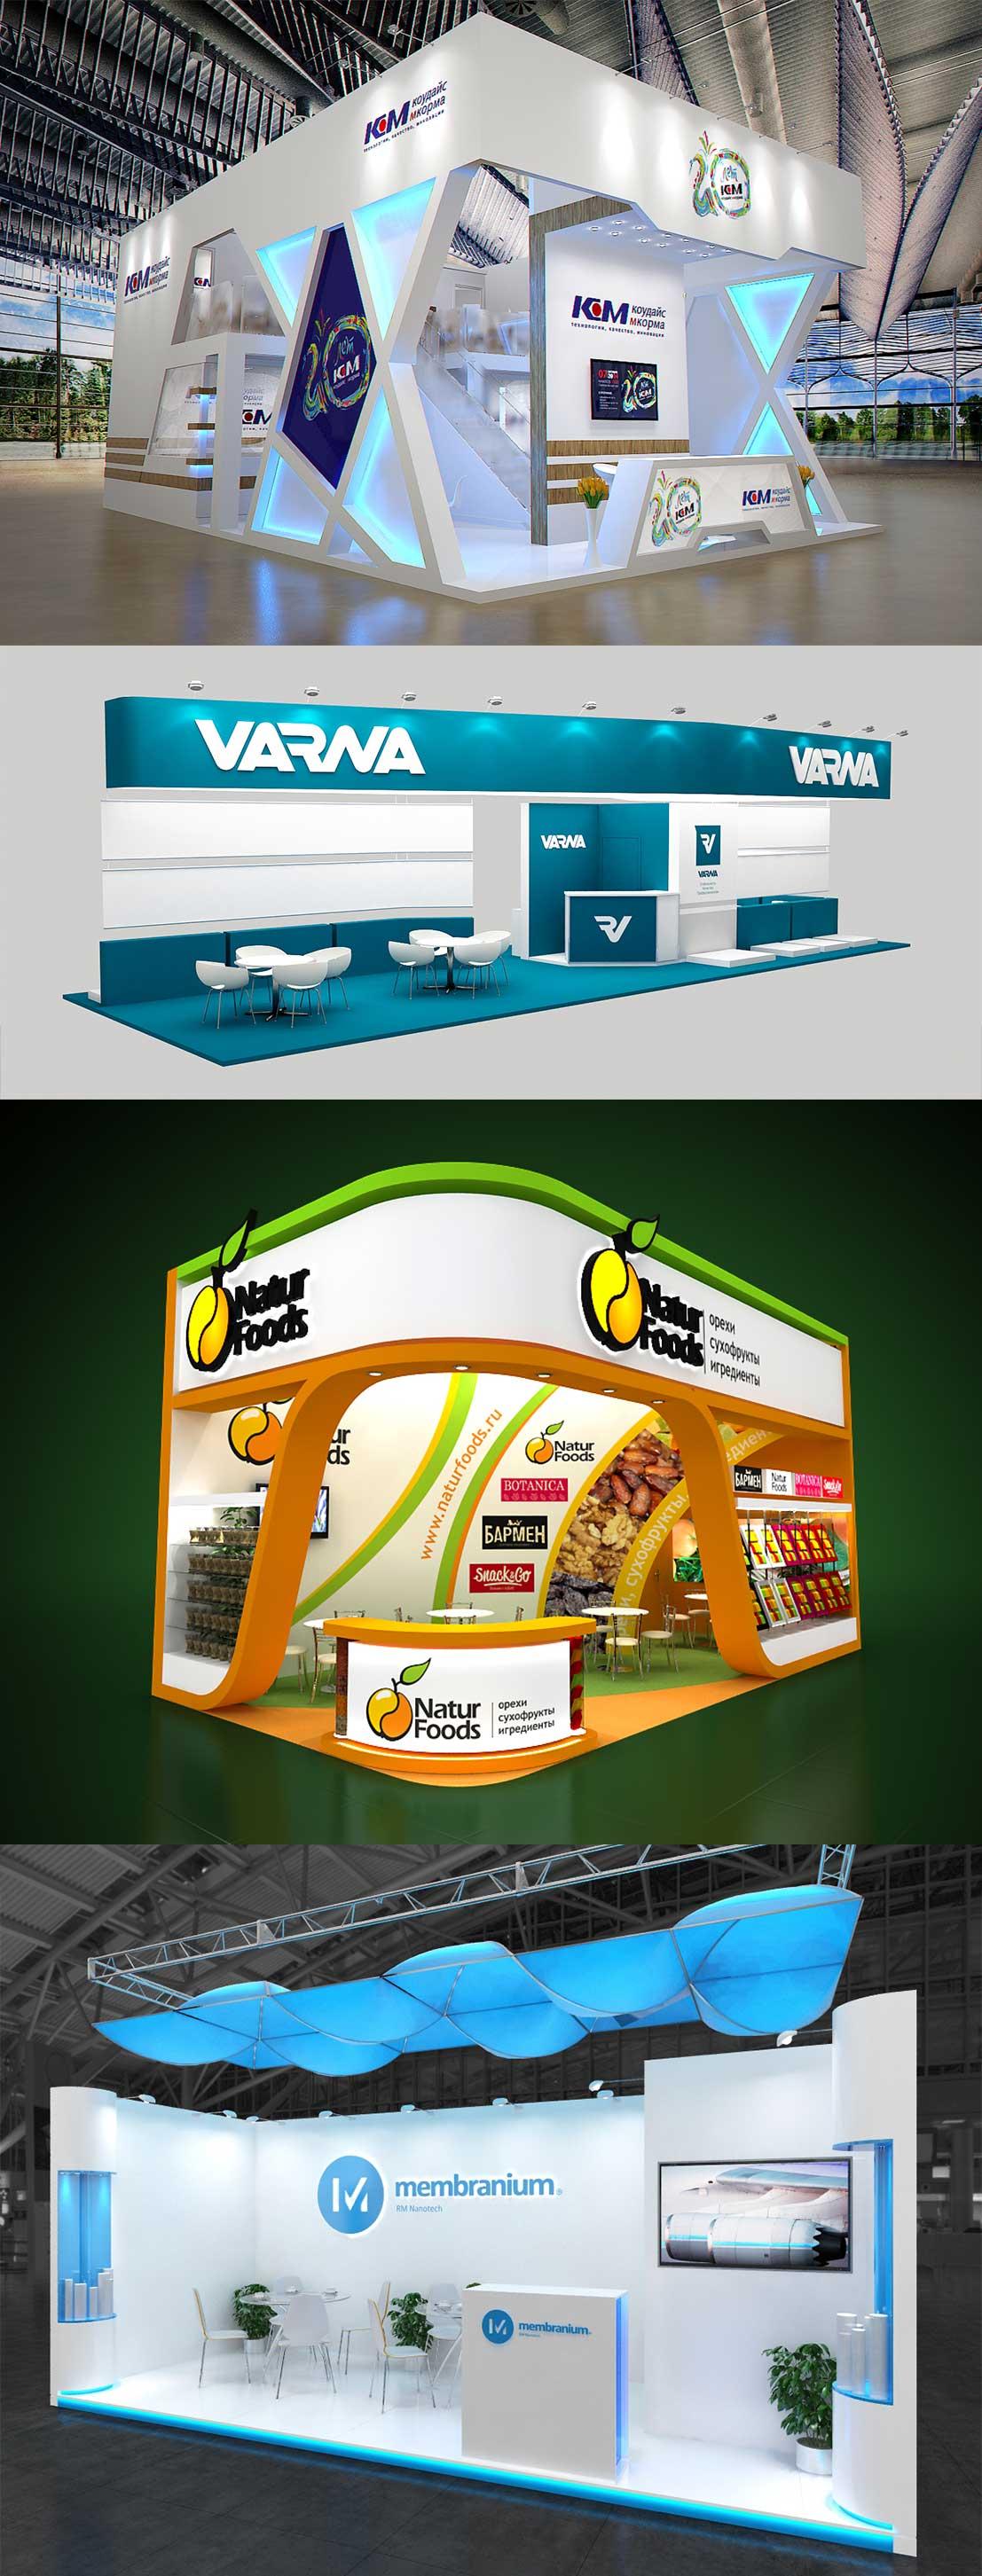 Design exhibition stand